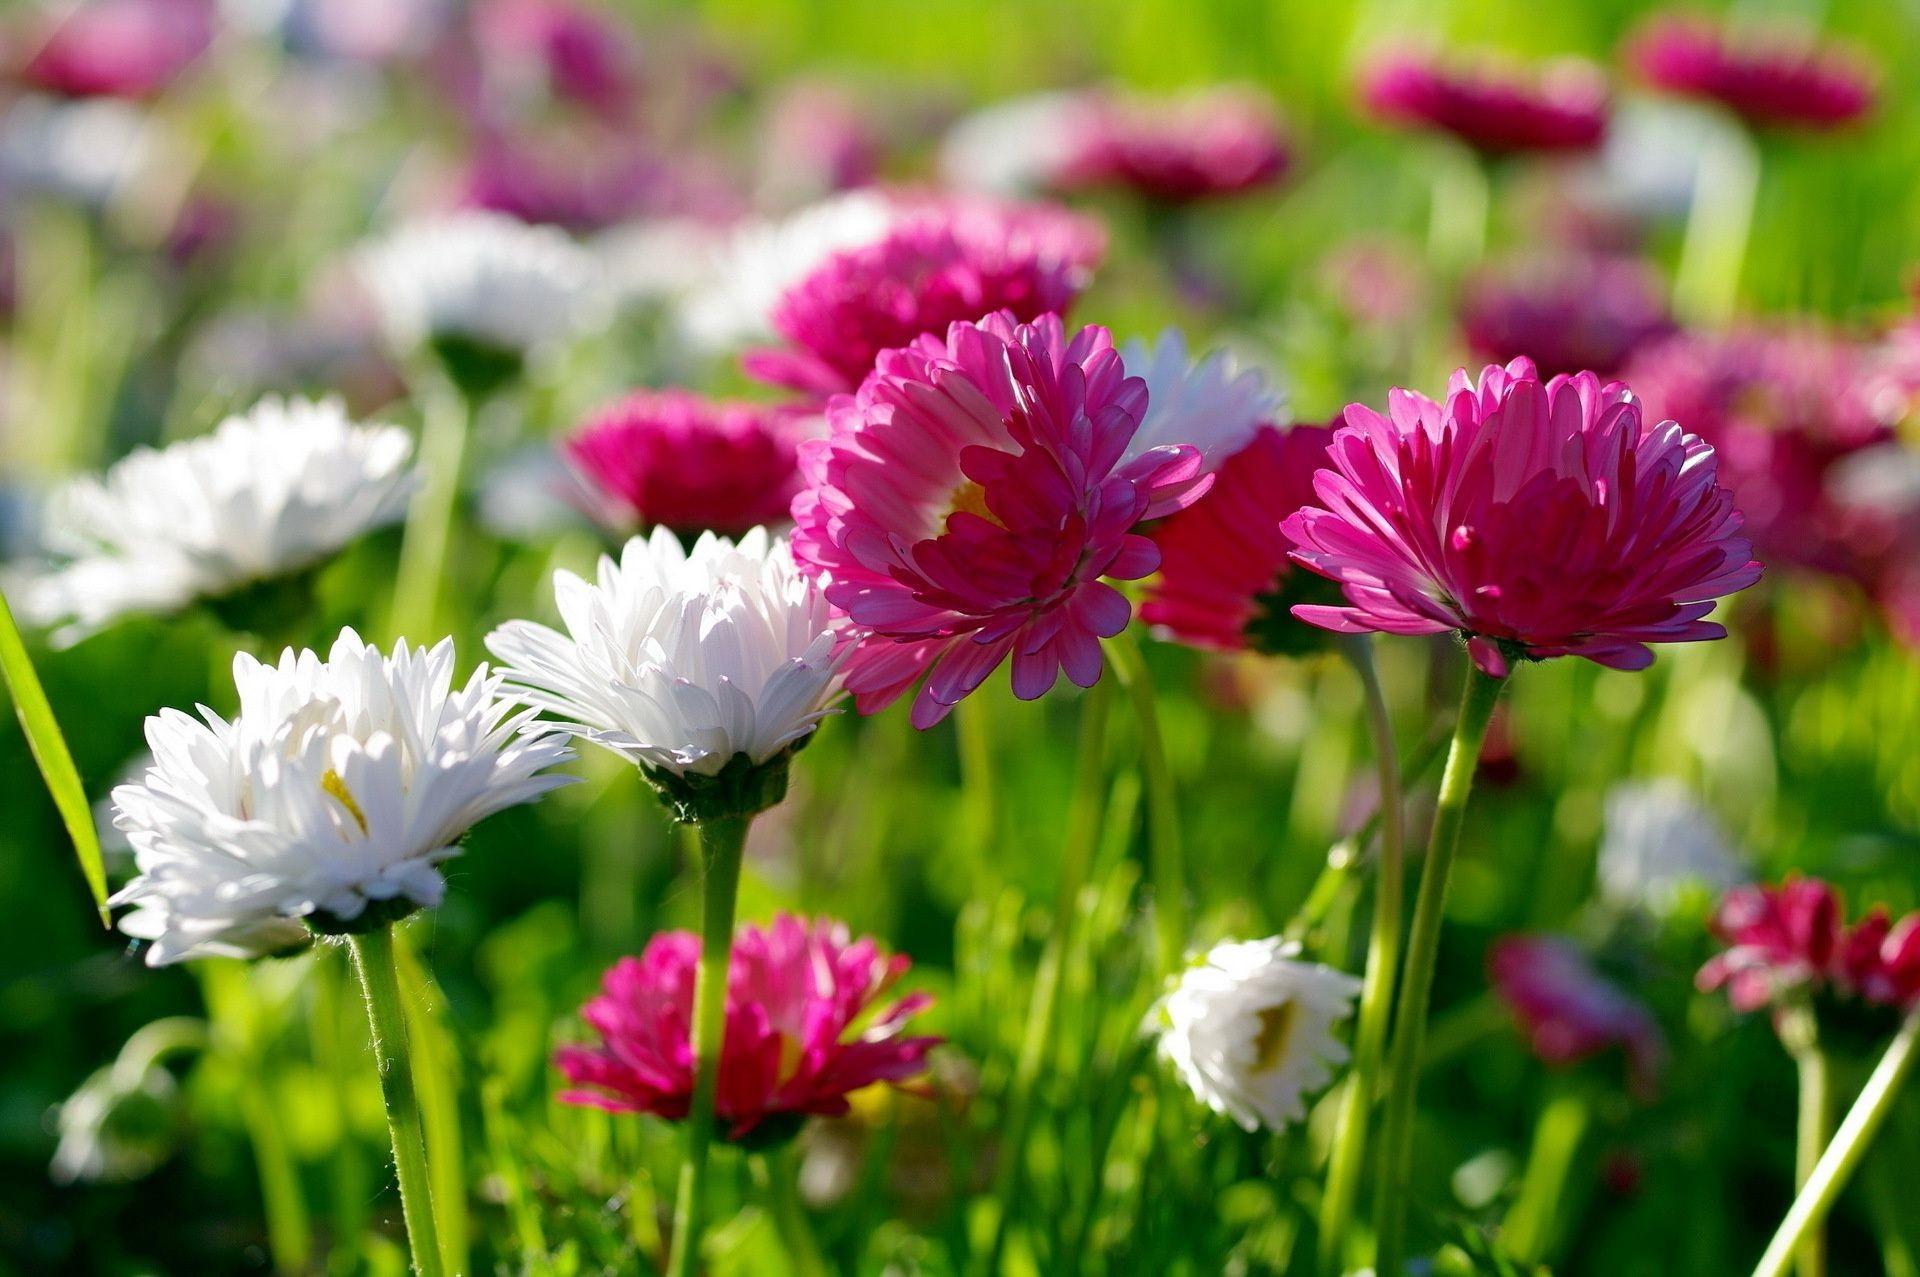 обои природы и цветов на рабочий стол